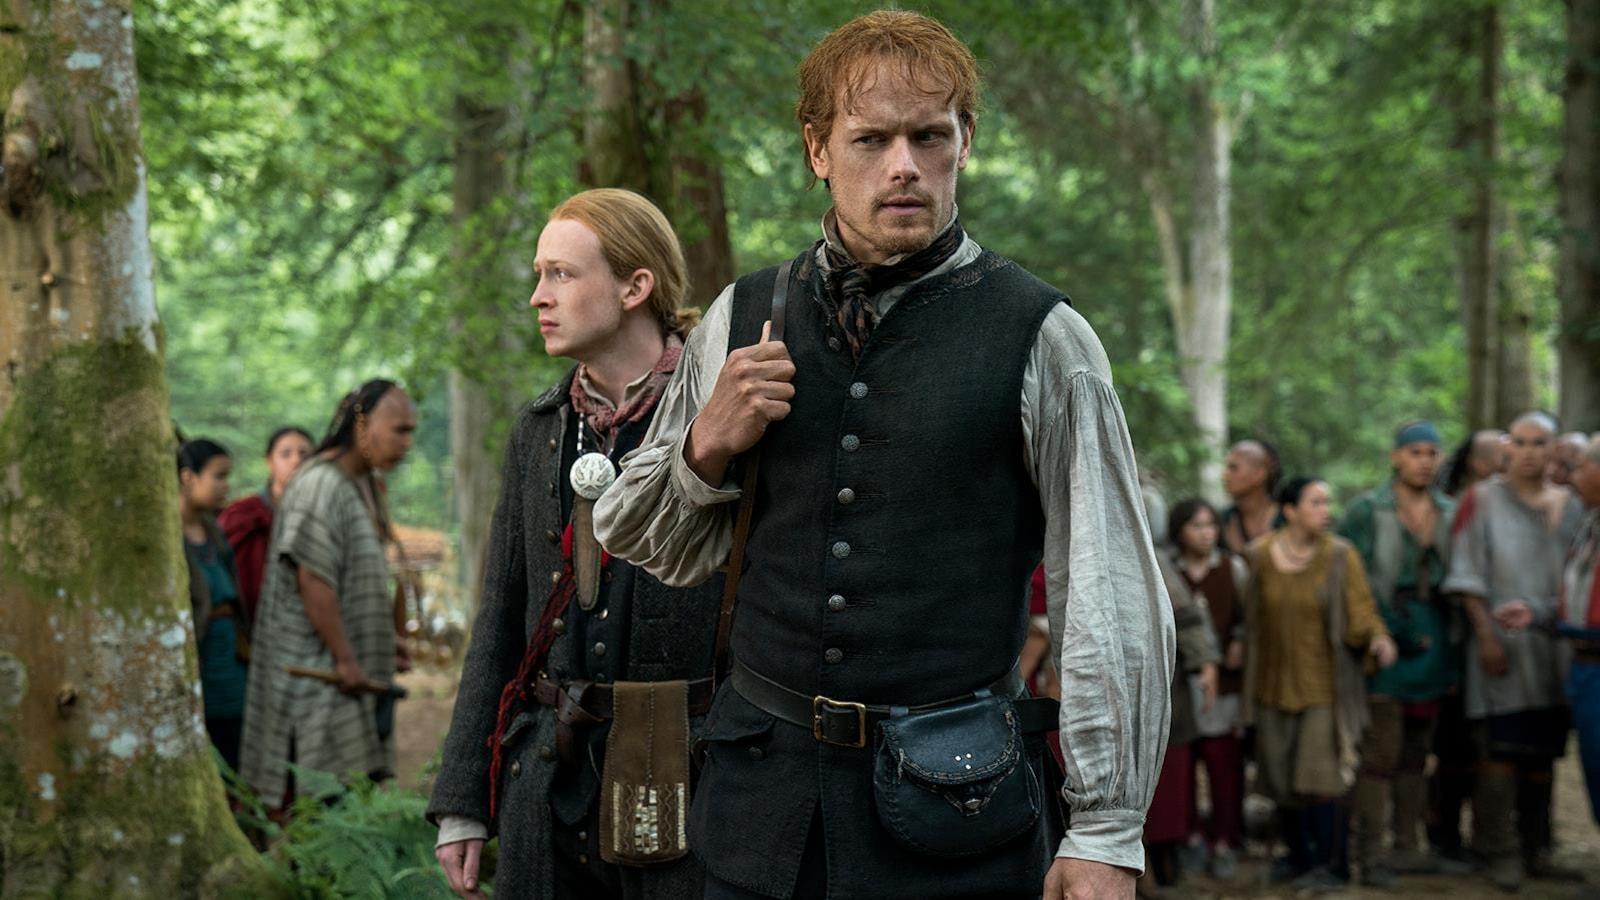 Jamie et Ian arrive dans le village mohawk.